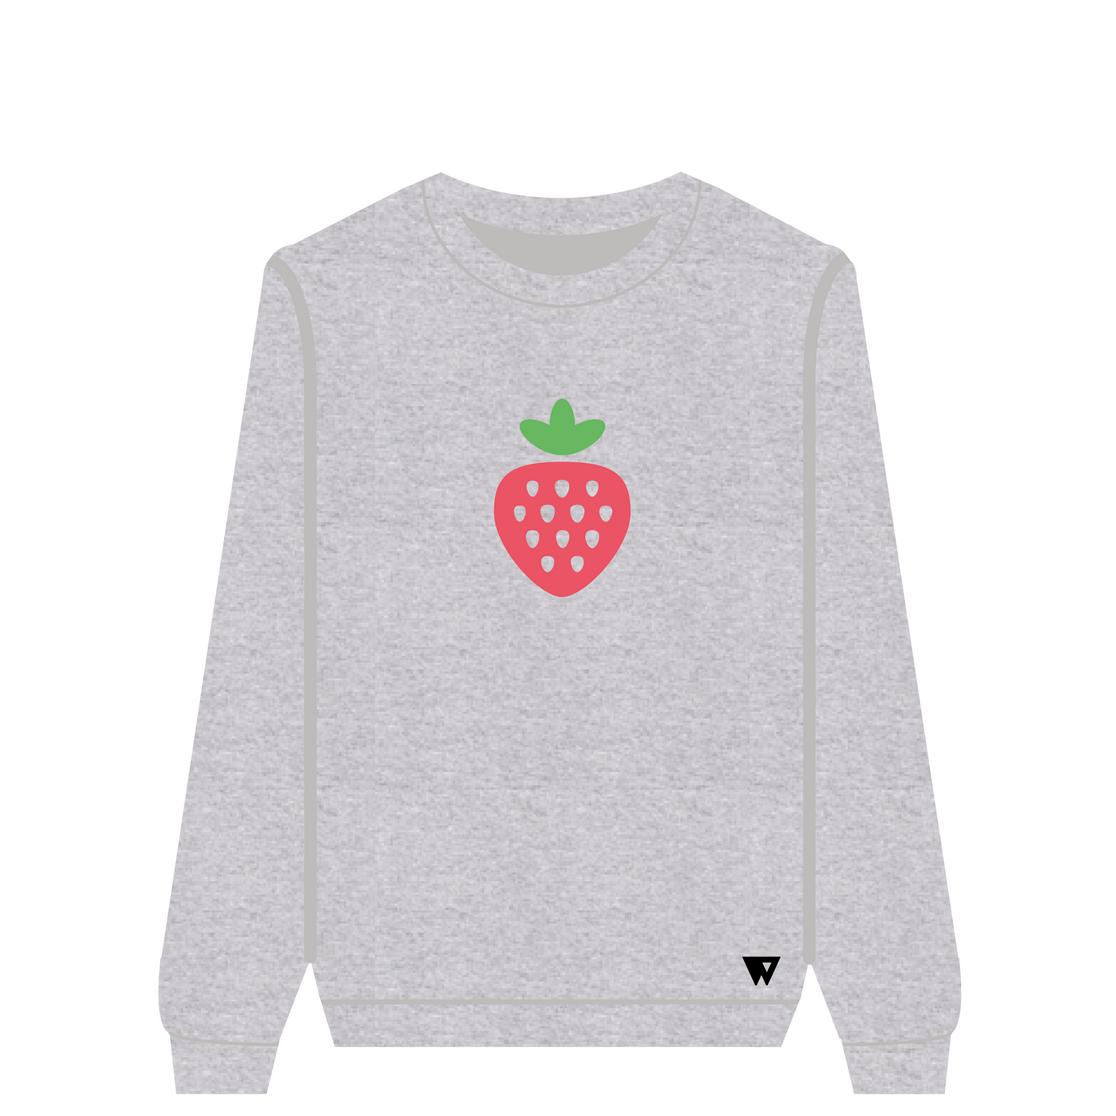 Sweatshirt Strawberry | Wuzzee